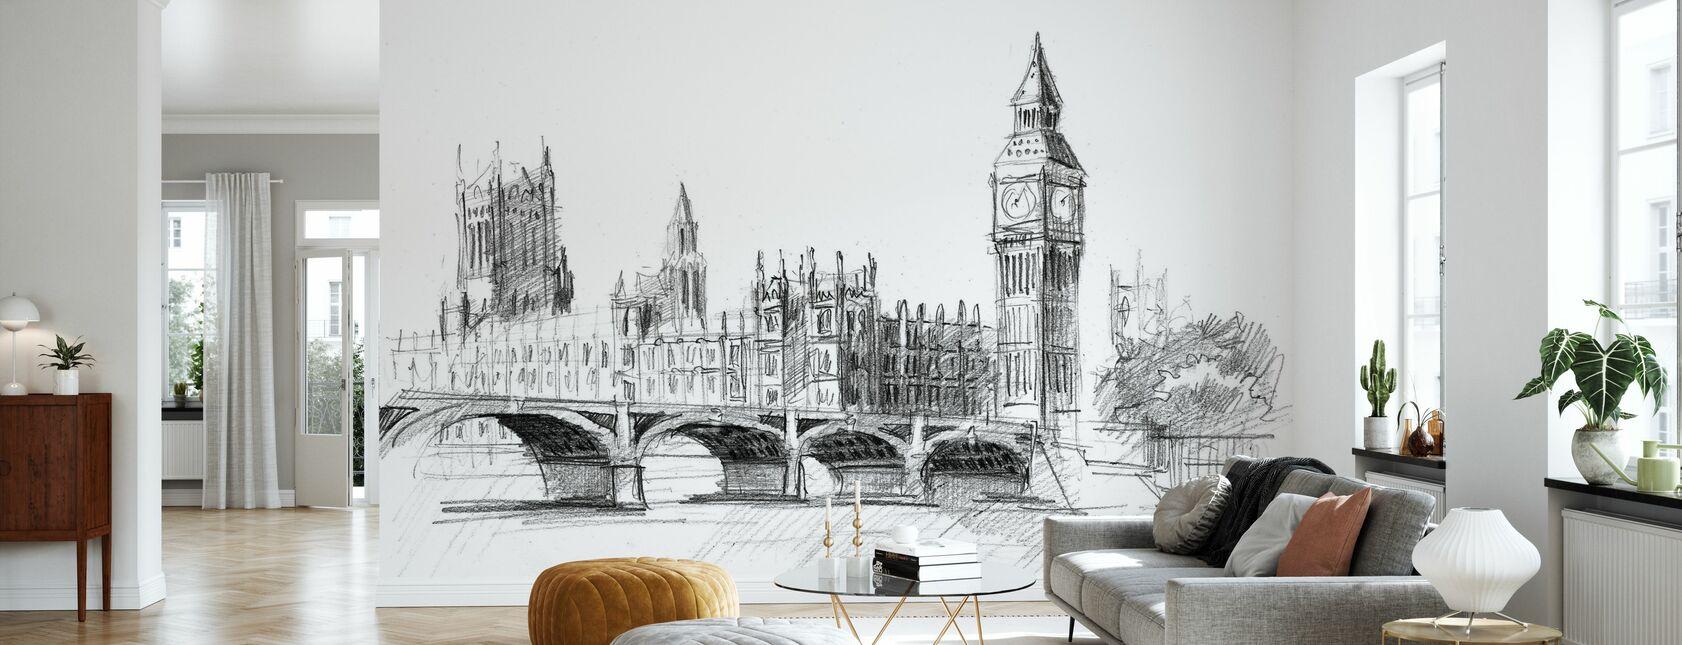 Big Ben in Black Lead - Wallpaper - Living Room